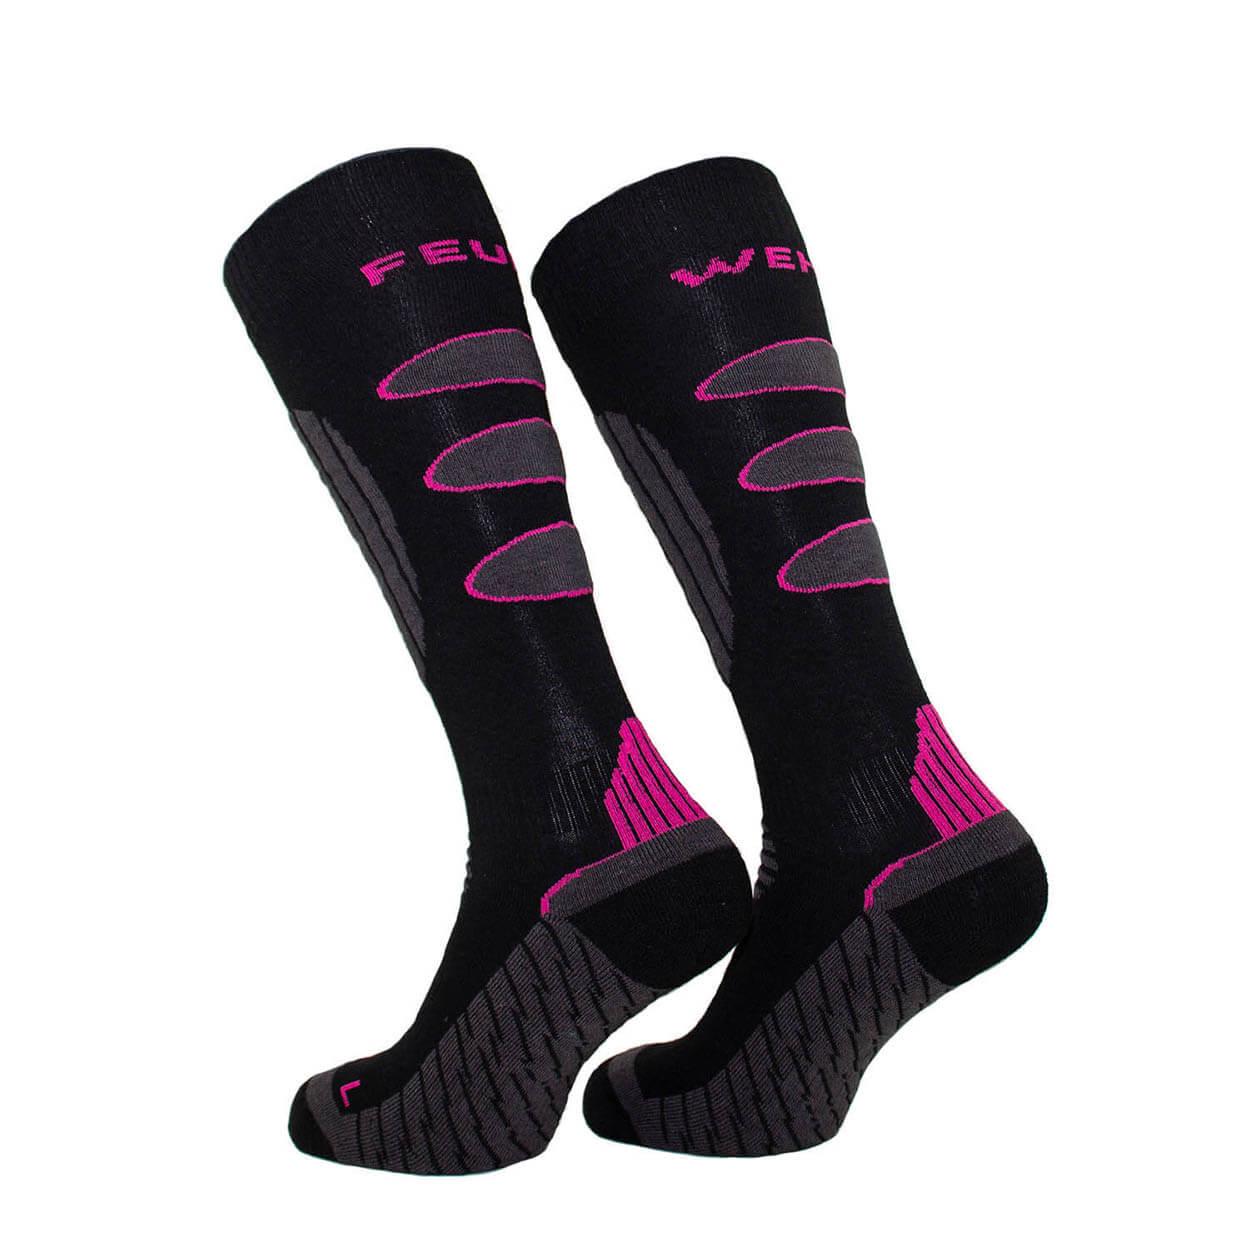 Feuerwehrfrauen Multifunktions-Stiefelsocken - Farbe schwarz/pink